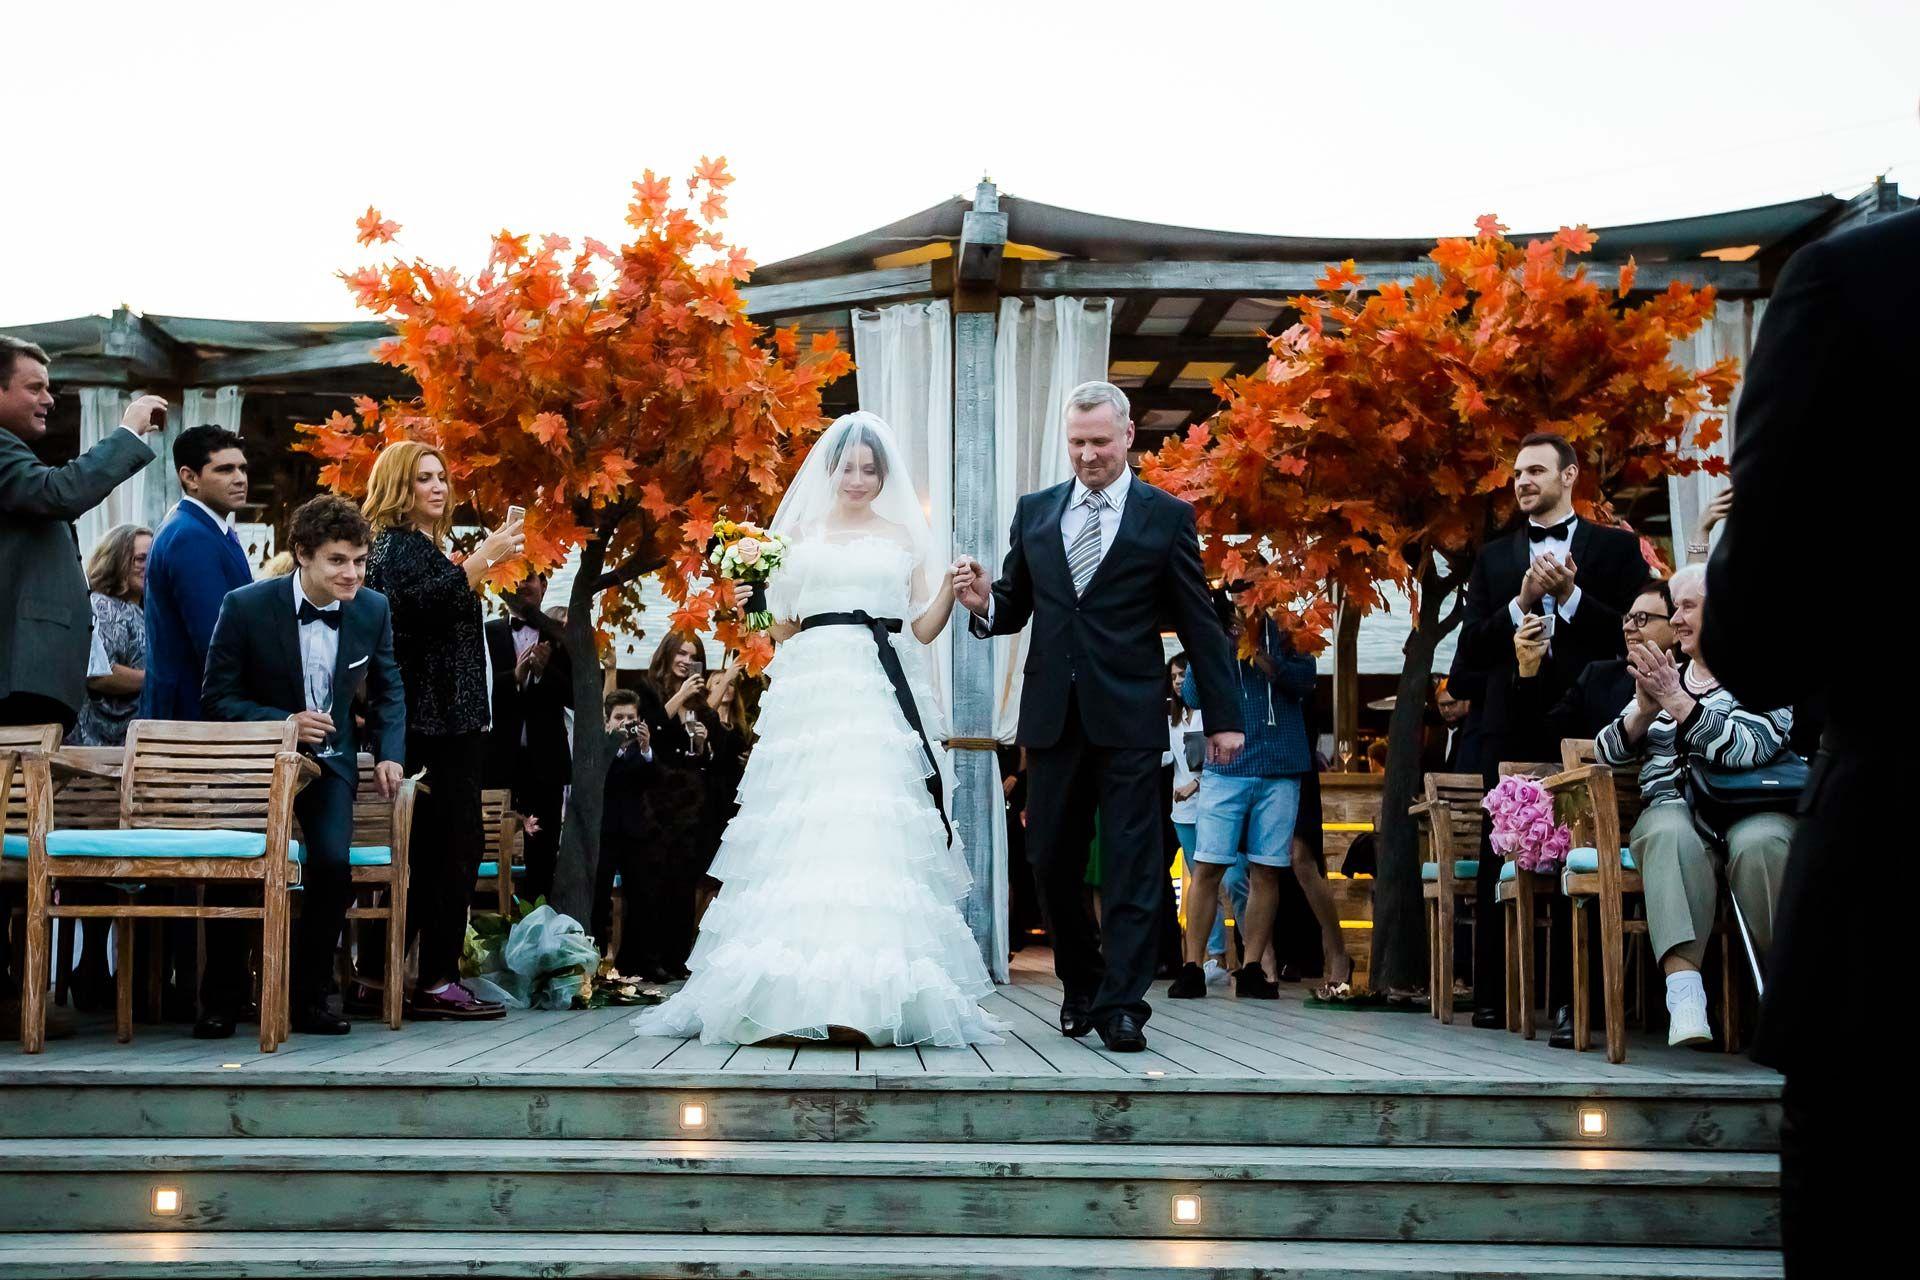 Свадьба Томаса Невергрина и Валерии Жидковой, репортаж, фото 10